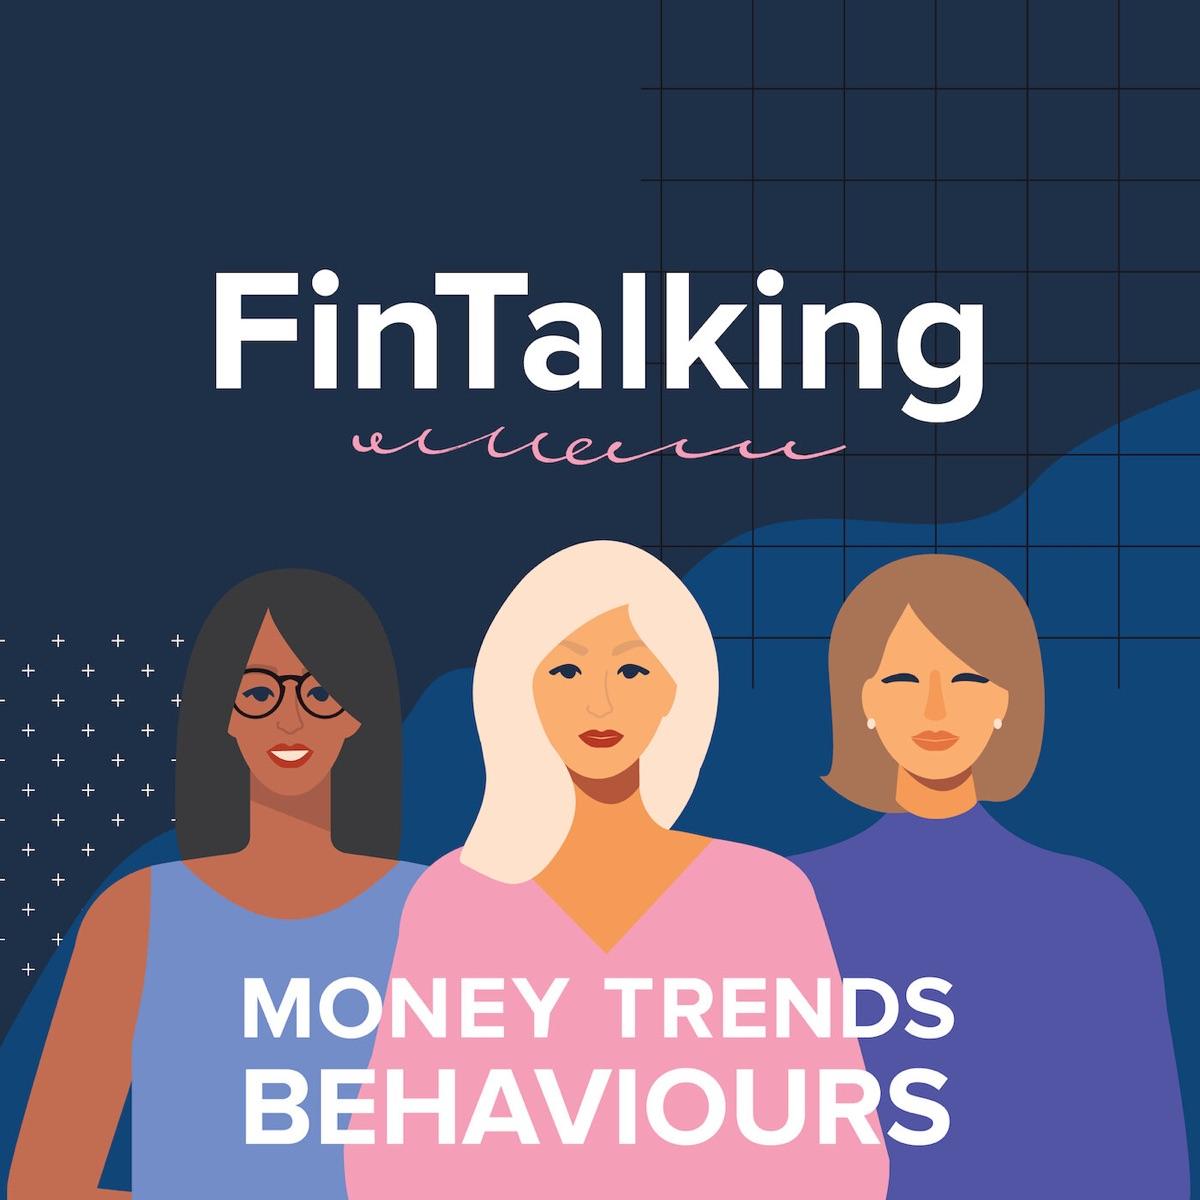 FinTalking